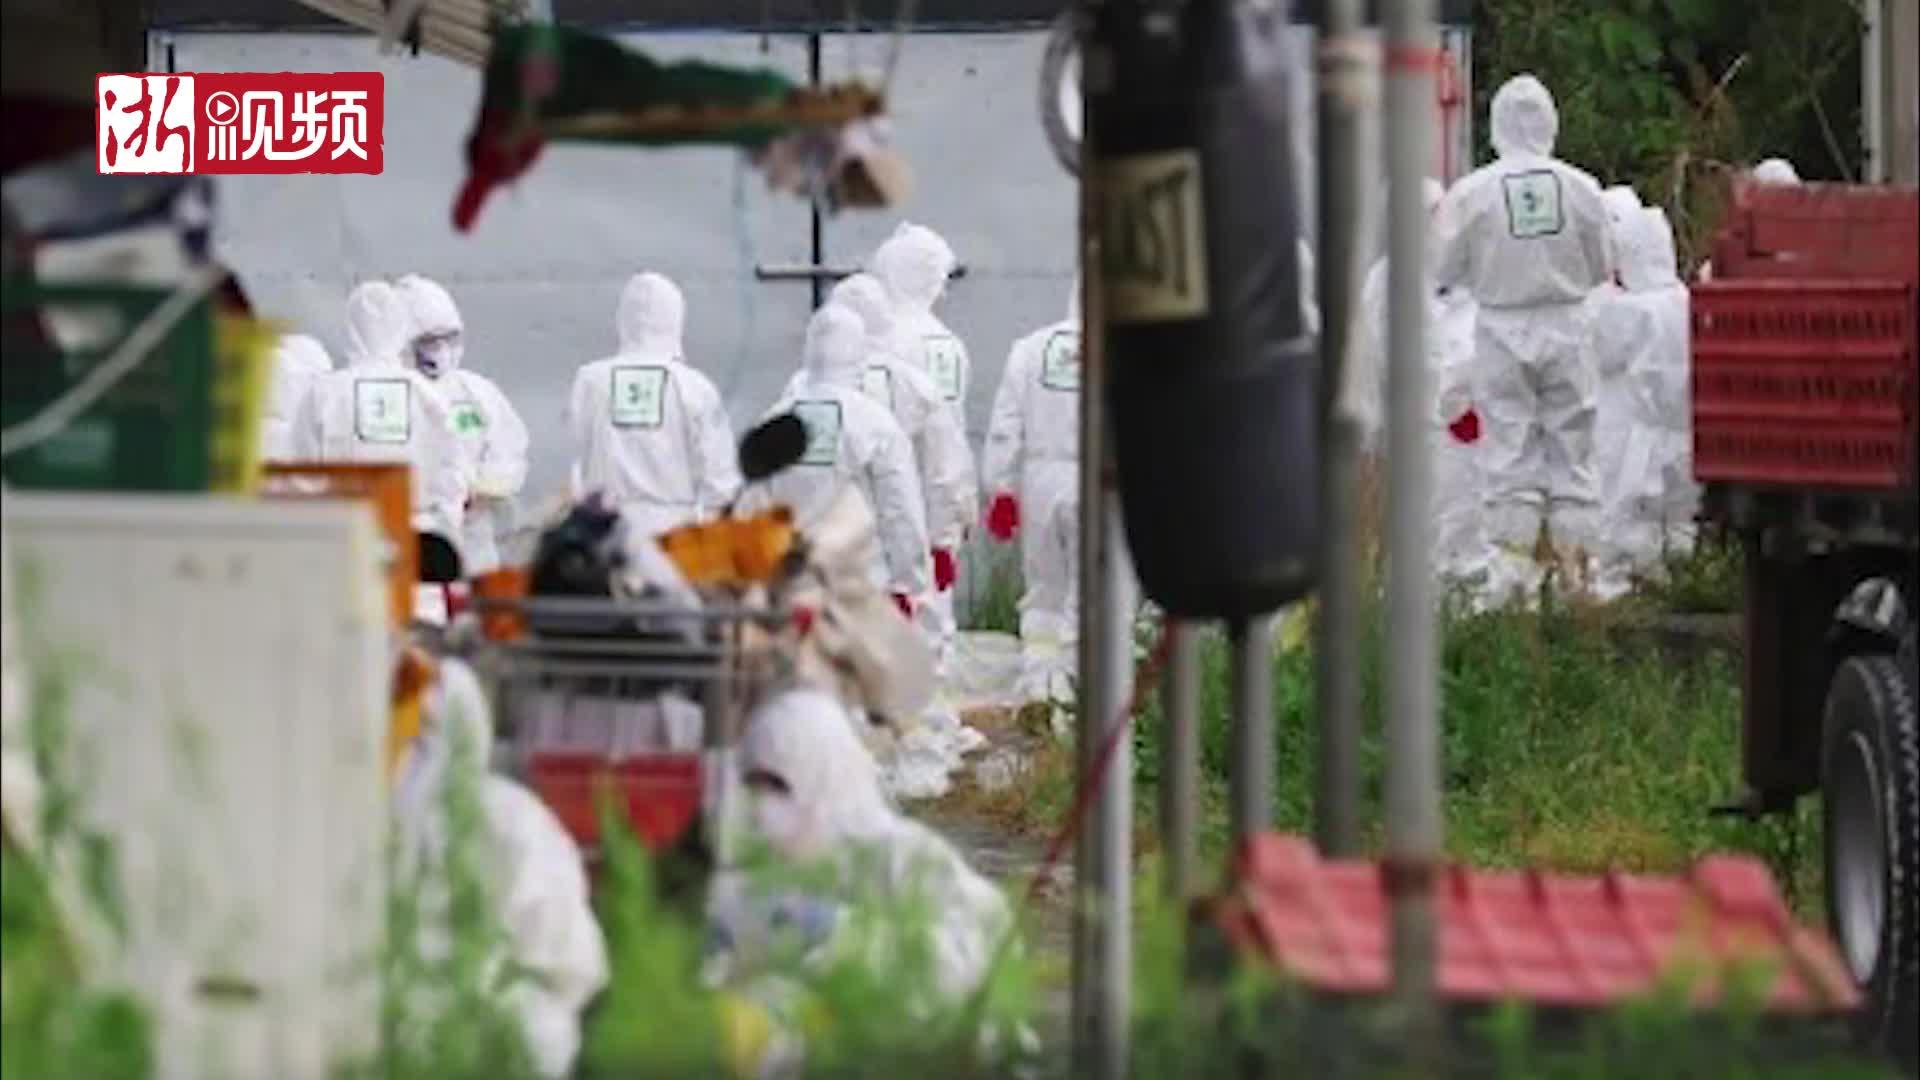 禽流感病毒:韩国紧急扑杀家禽